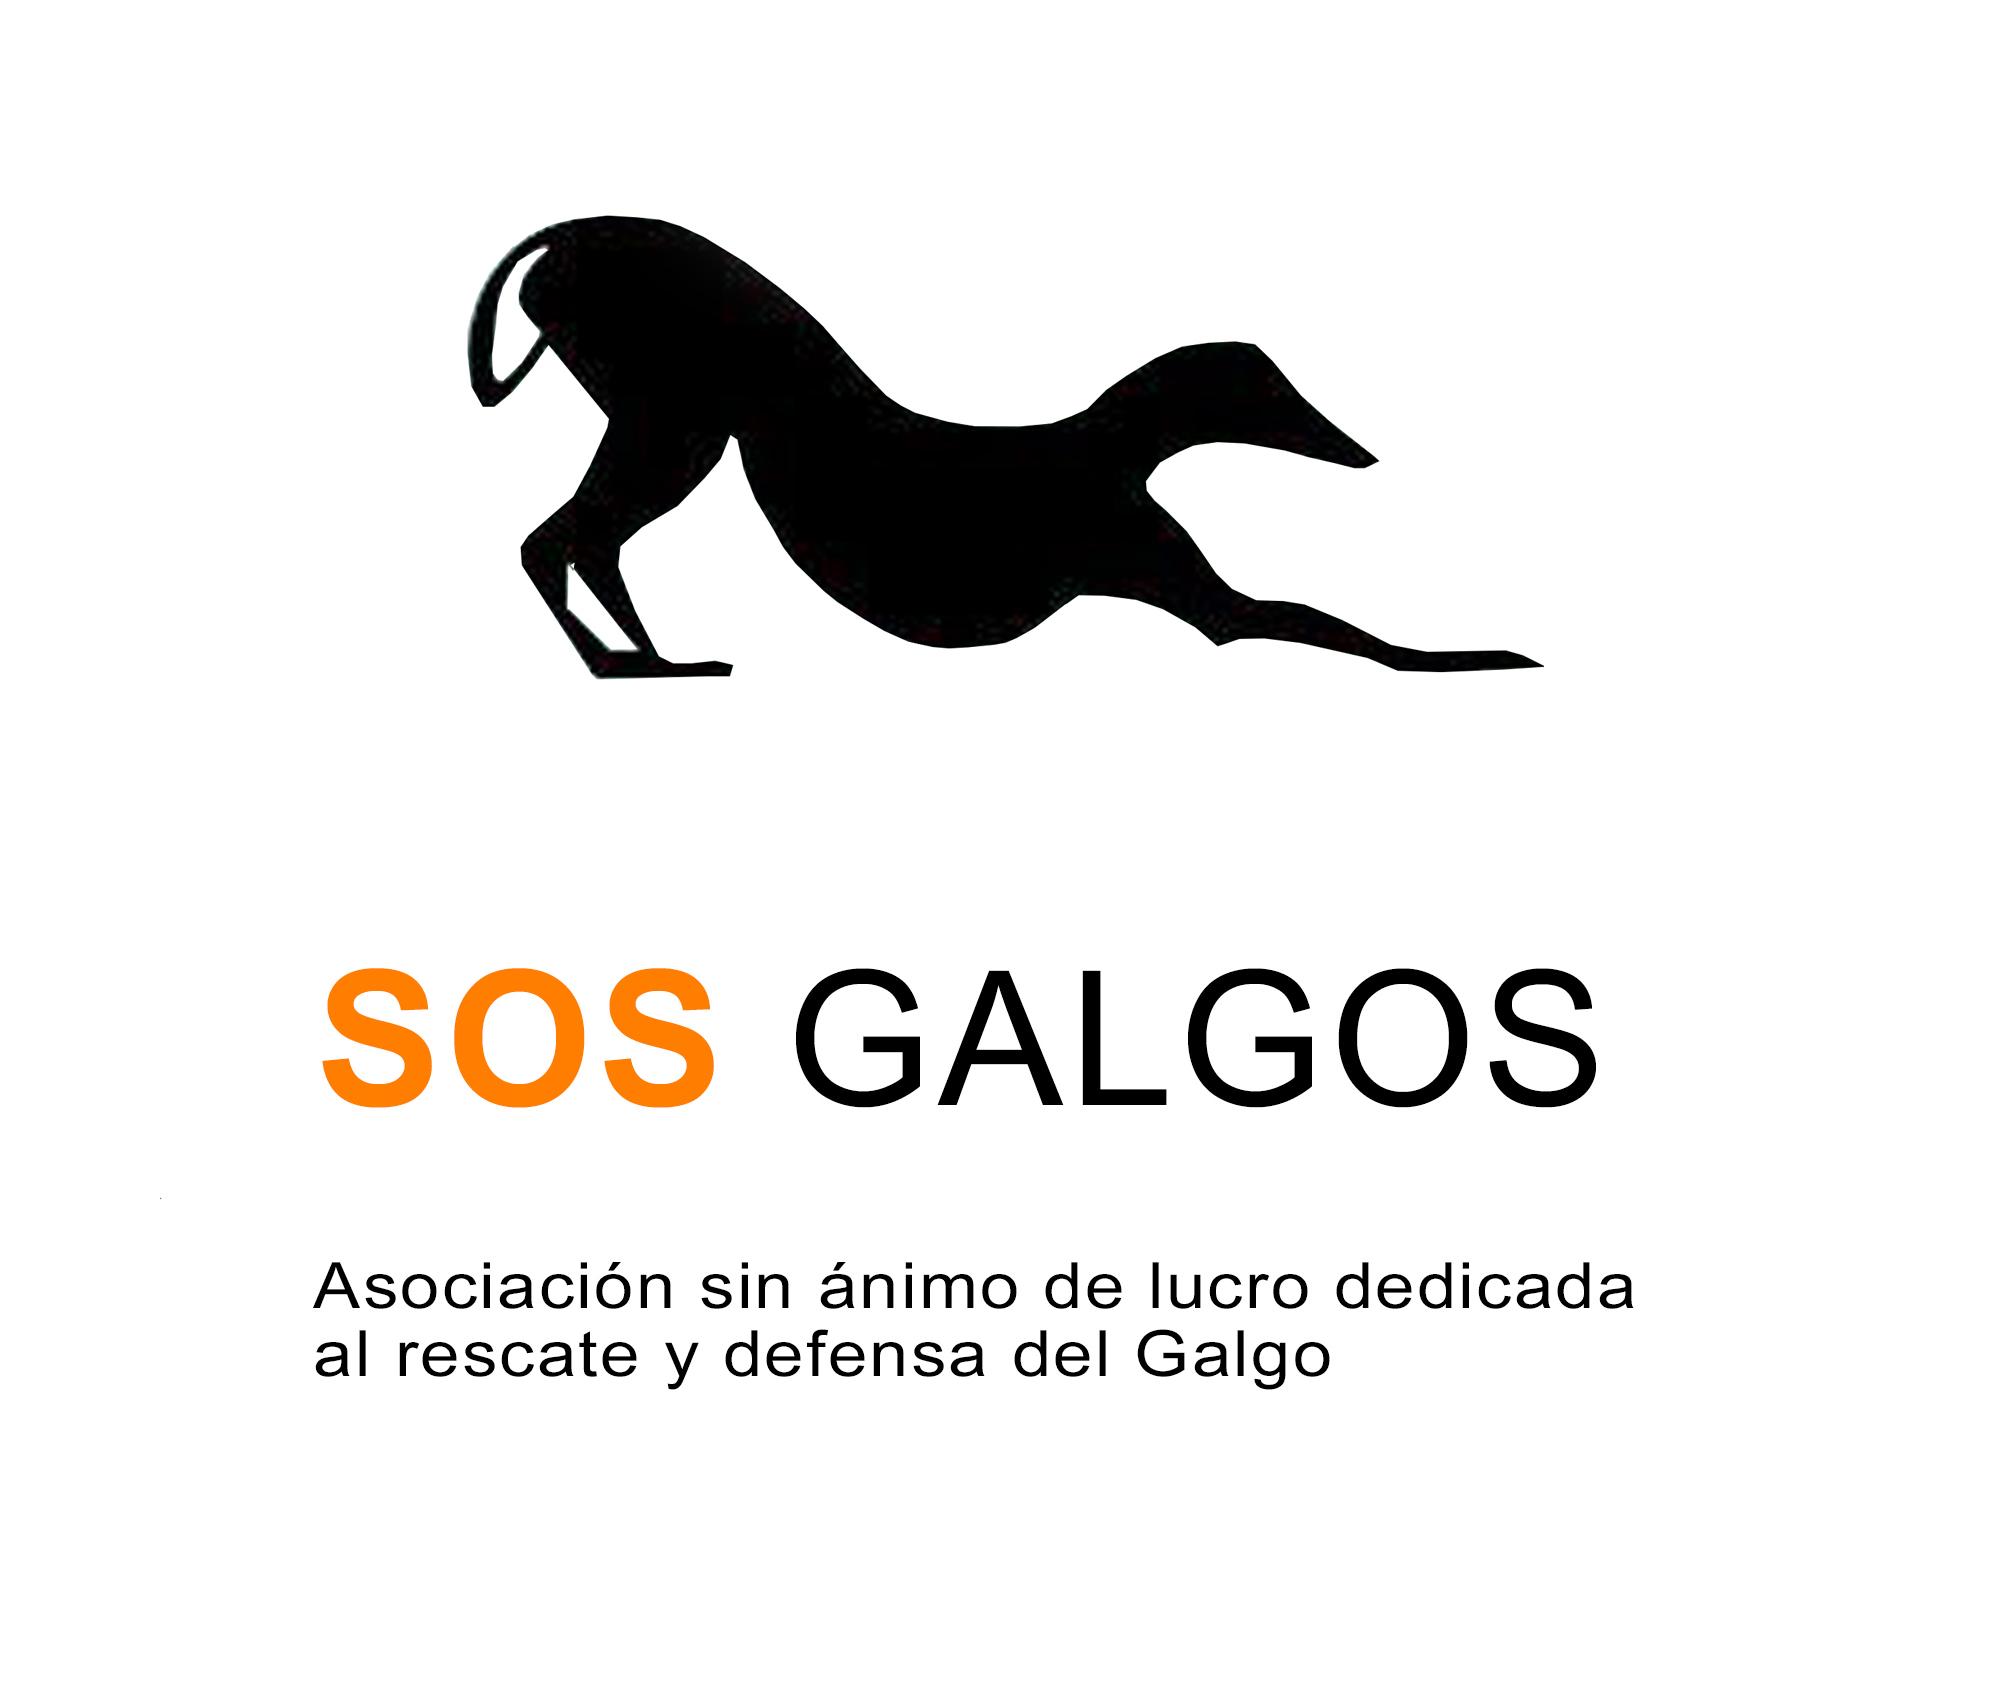 ¿Crees que los galgos necesitan nuestra ayuda? Nosotros sí: ¡¡S.O.S GALGOS!!